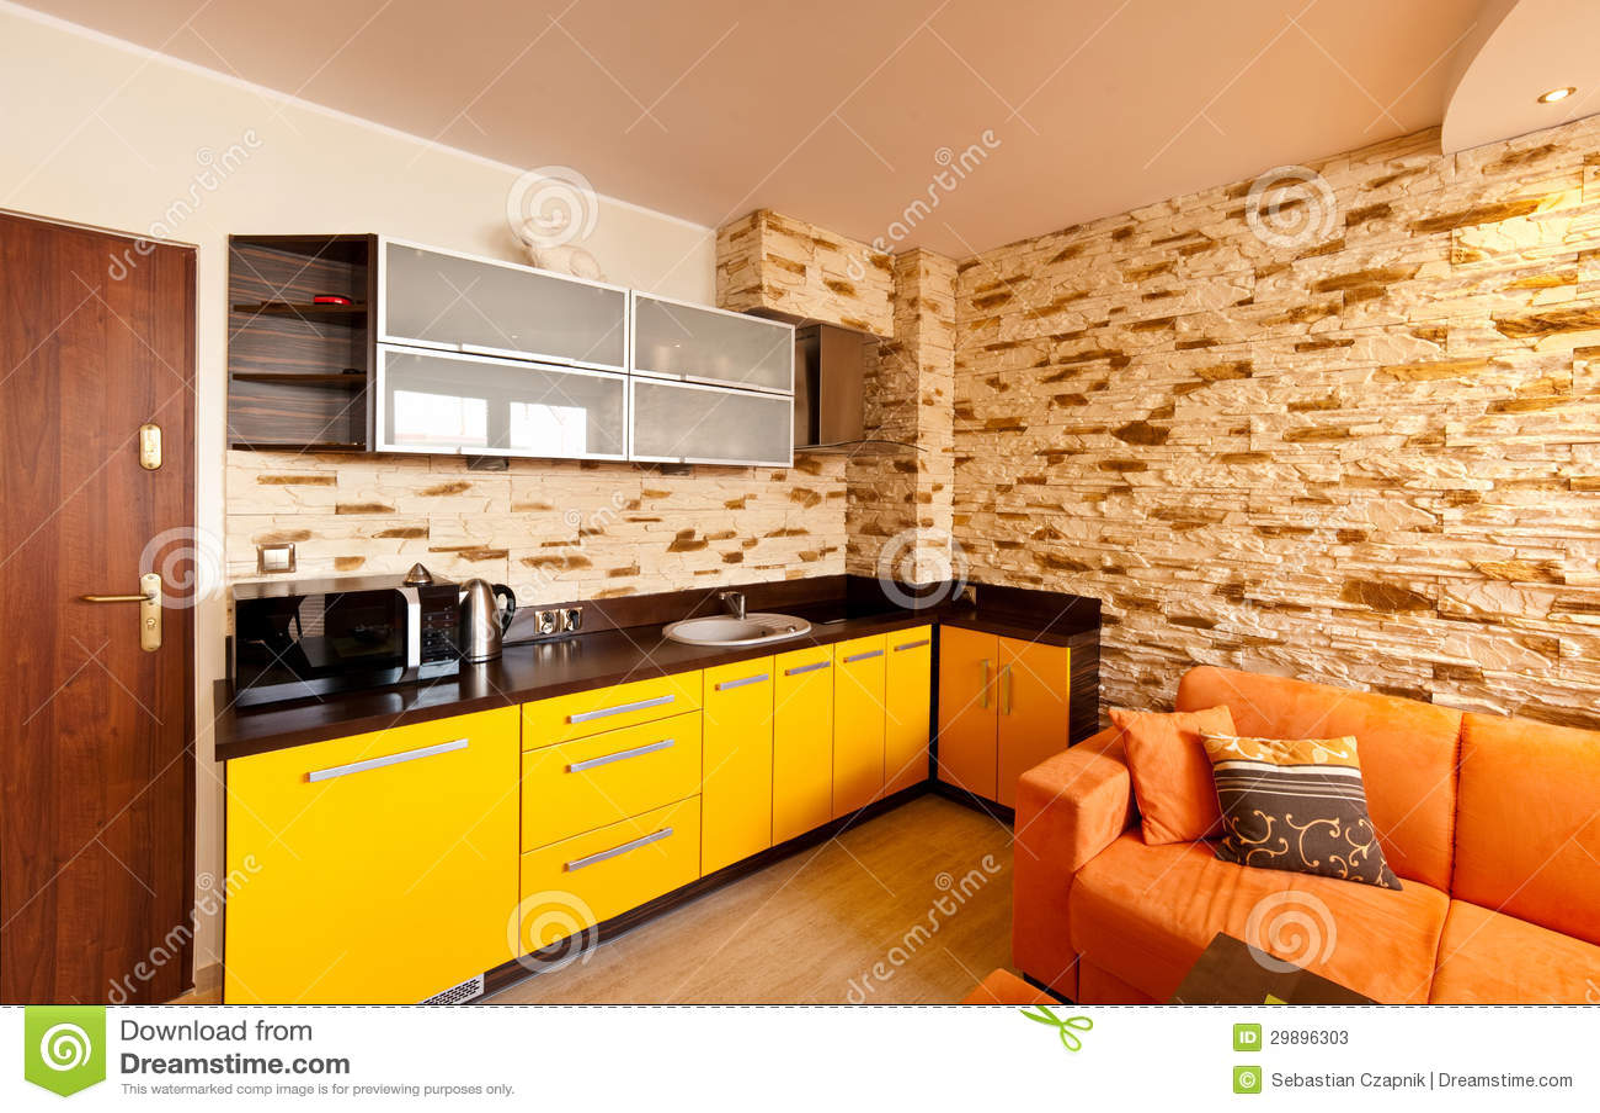 Cucina arancio della stanza immagine stock immagine di for Disegno cucina